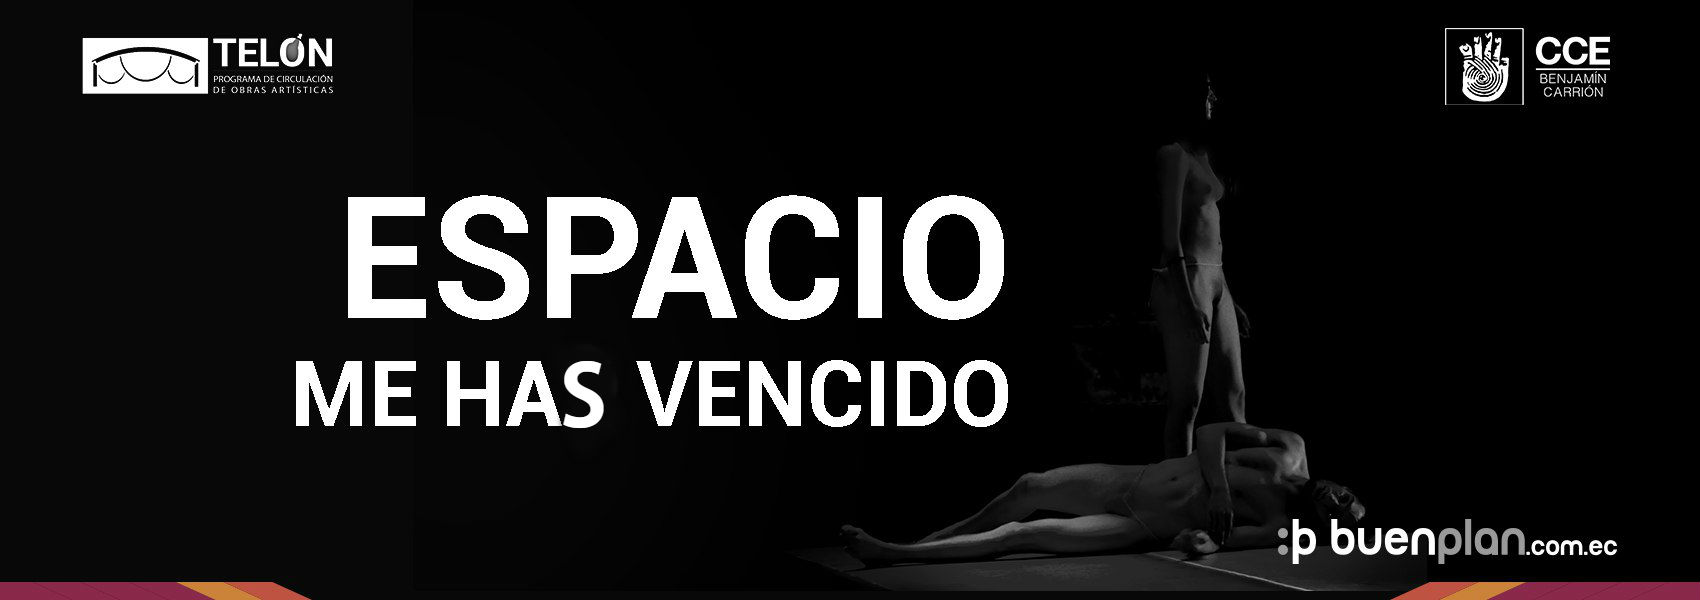 Espacio me has Vencido - 19 de Diciembre en Quito, BuenPlan